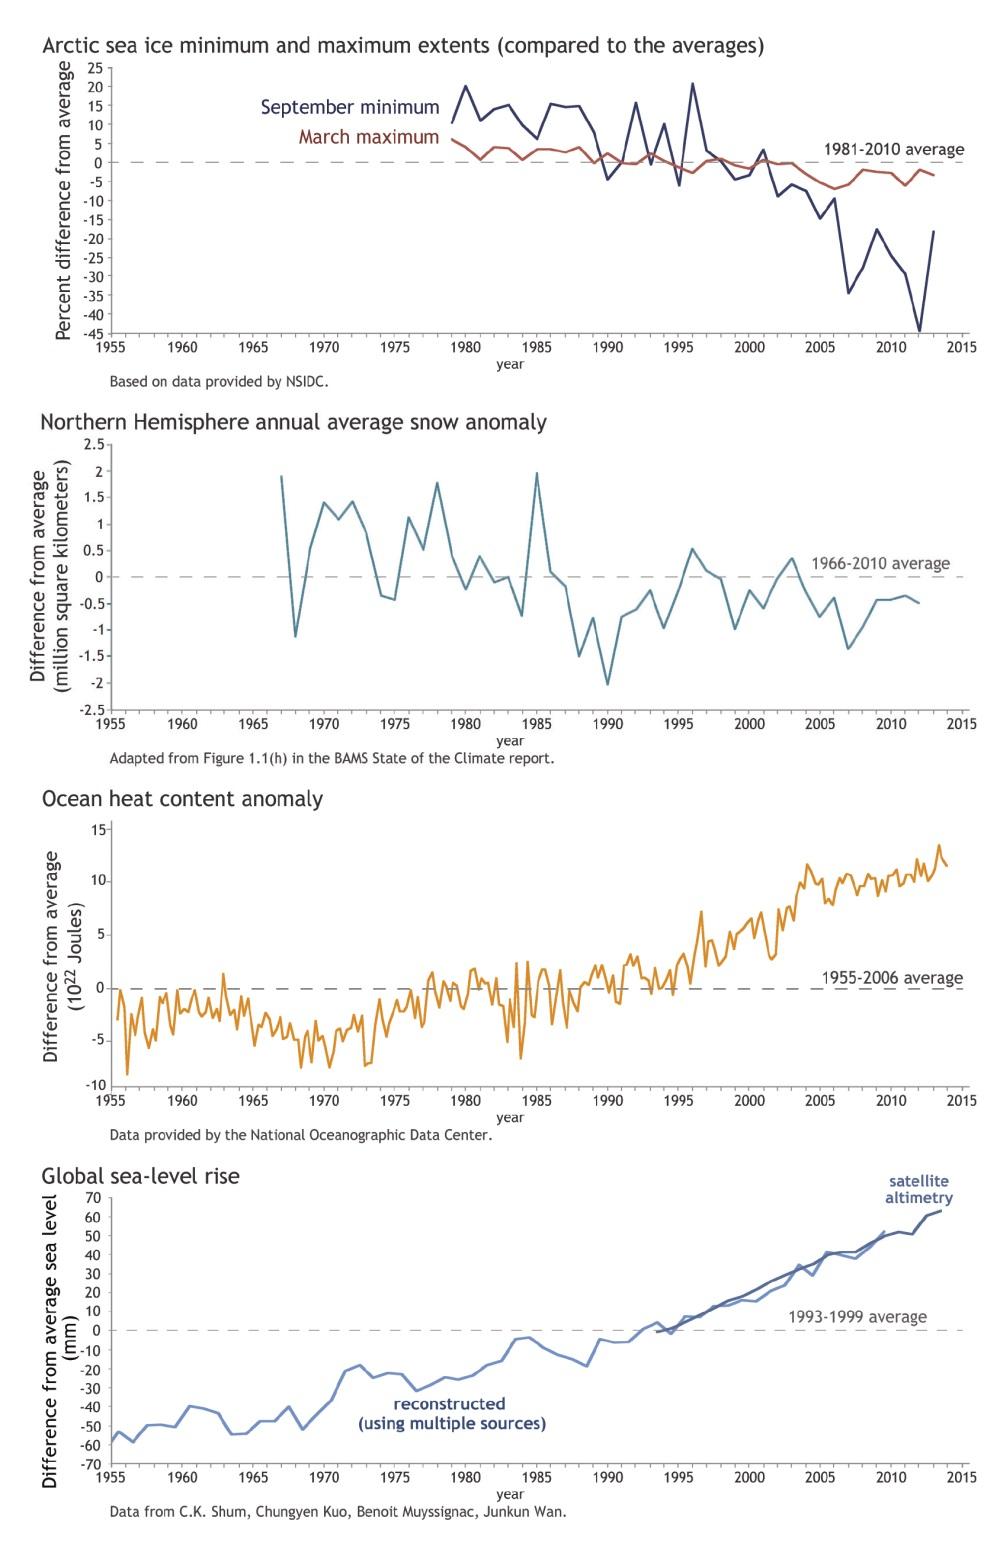 Рисунок 1б. Помимо записей показаний термометров, об изменении климата Земли говорит имножество других наблюдений. Например, дополнительные свидетельства оналичии тенденции потепления дают резкое уменьшение площади арктического морского льда впериод летнего минимума (который имеет место всентябре), уменьшение весеннего снежного покрова вСеверном полушарии, увеличение среднего теплосодержания верхних слоёв (верхние 700 м, или 2300 футов) Мирового океана (показано относительно среднего значения за 1955— 2006 годы) иповышение уровня моря. Источник: NOAA climate.gov